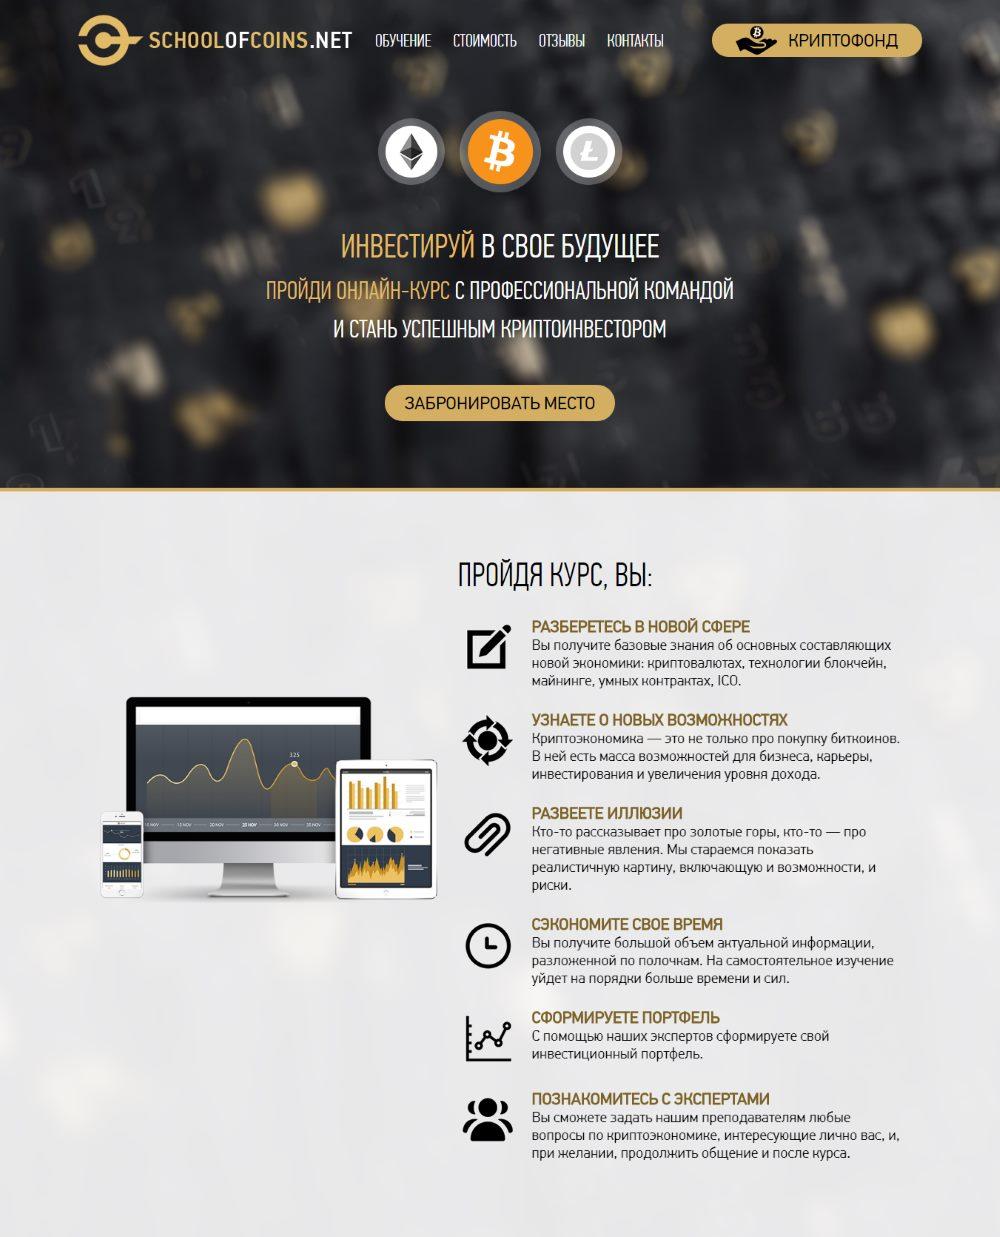 Создание Сайта По Продаже Онлайн Курса Для Криптоинвесторов